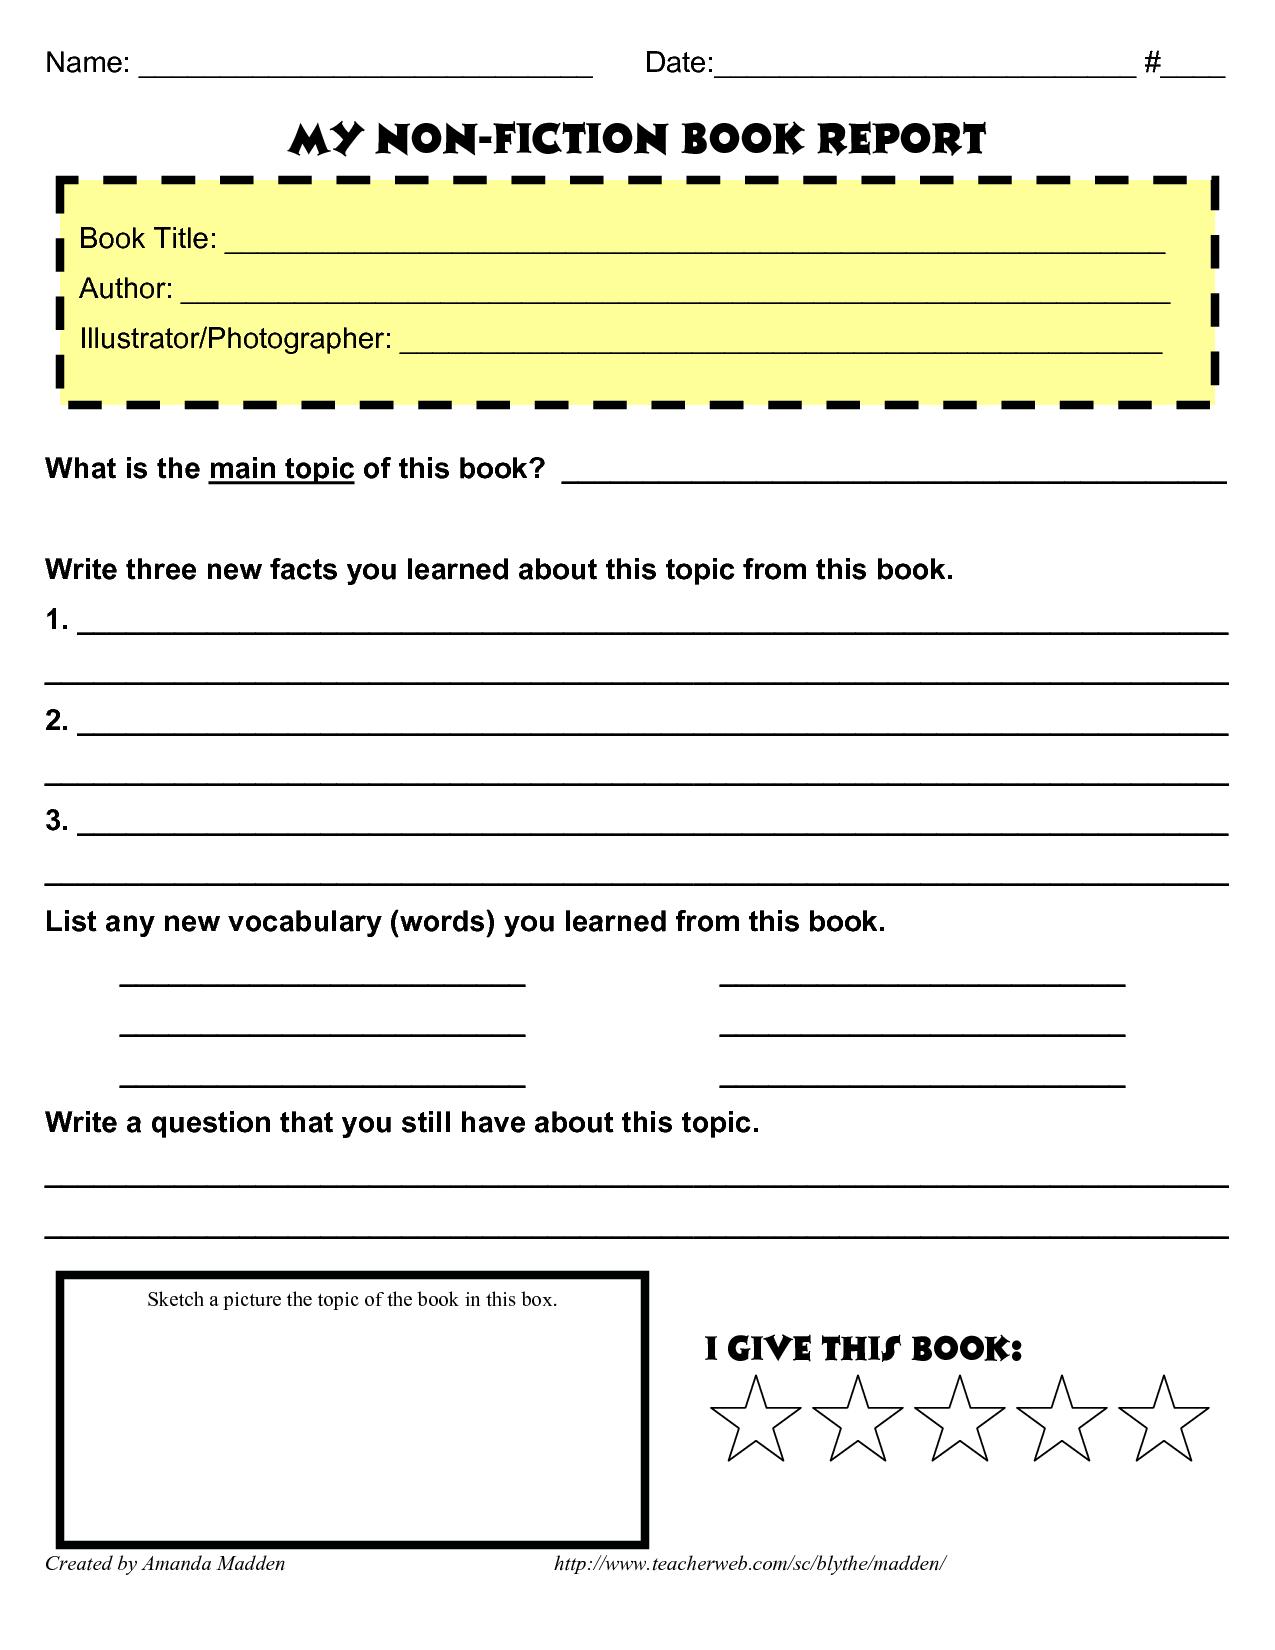 medium resolution of grade 4 book report template non fiction   Book report template middle  school